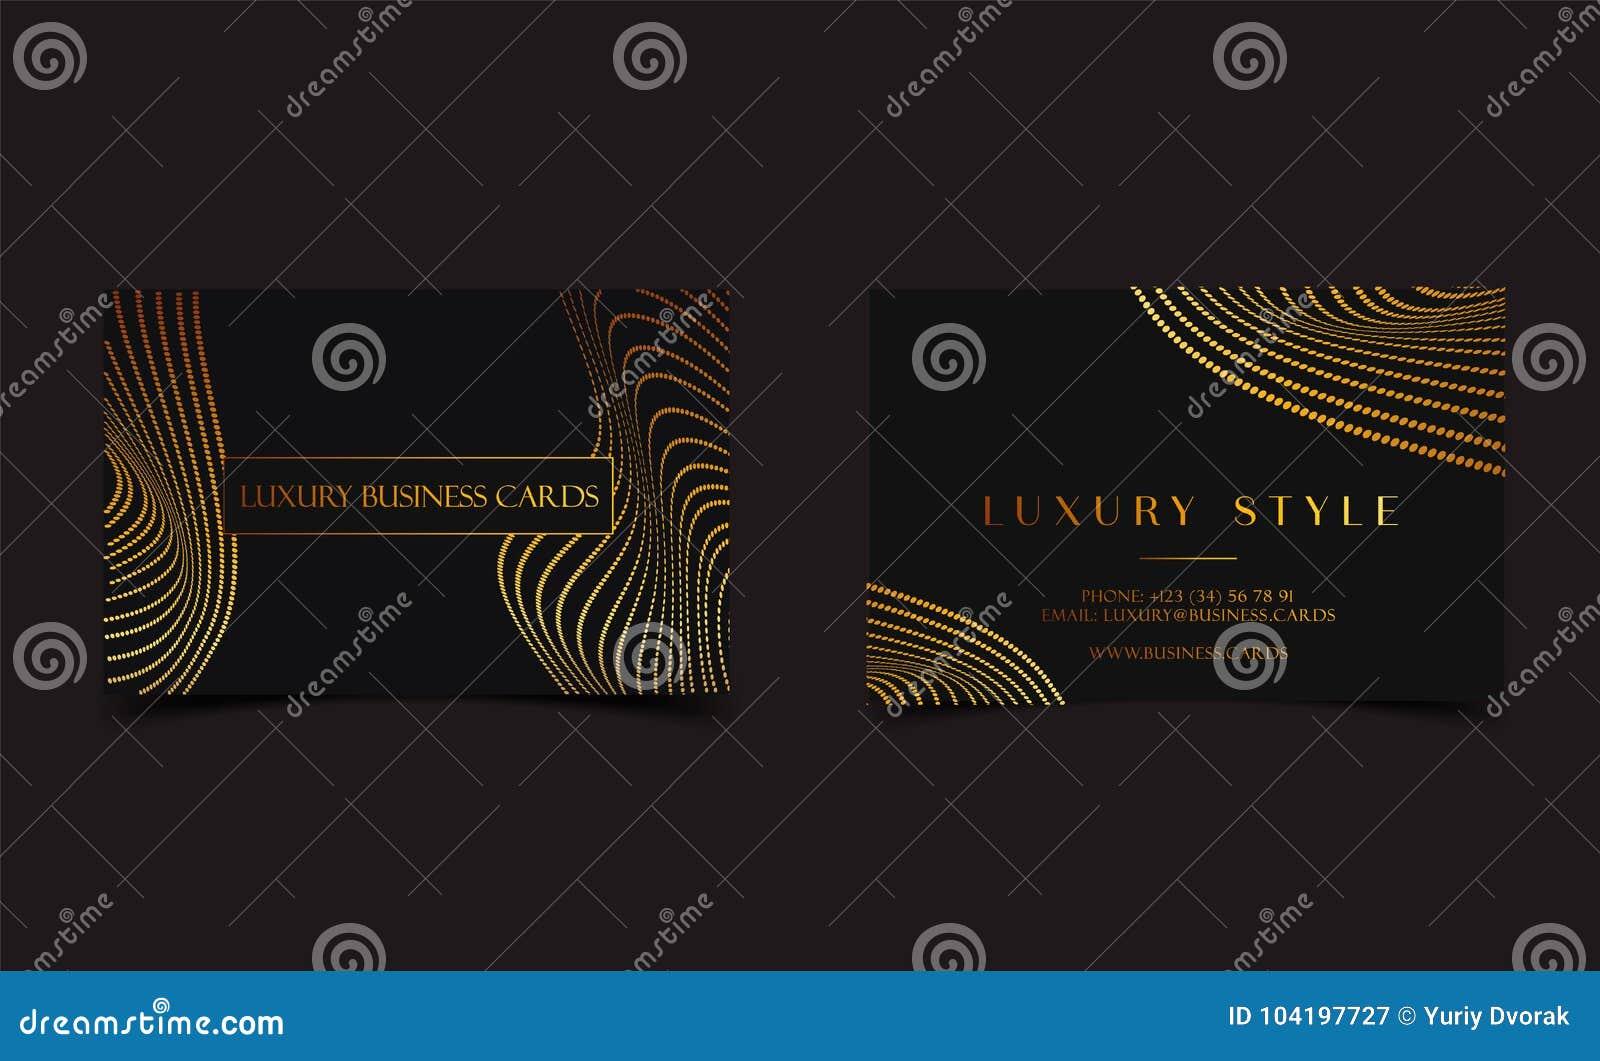 Cartes De Visite Professionnelle Luxe D Or Noir Pour L Evenement VIP